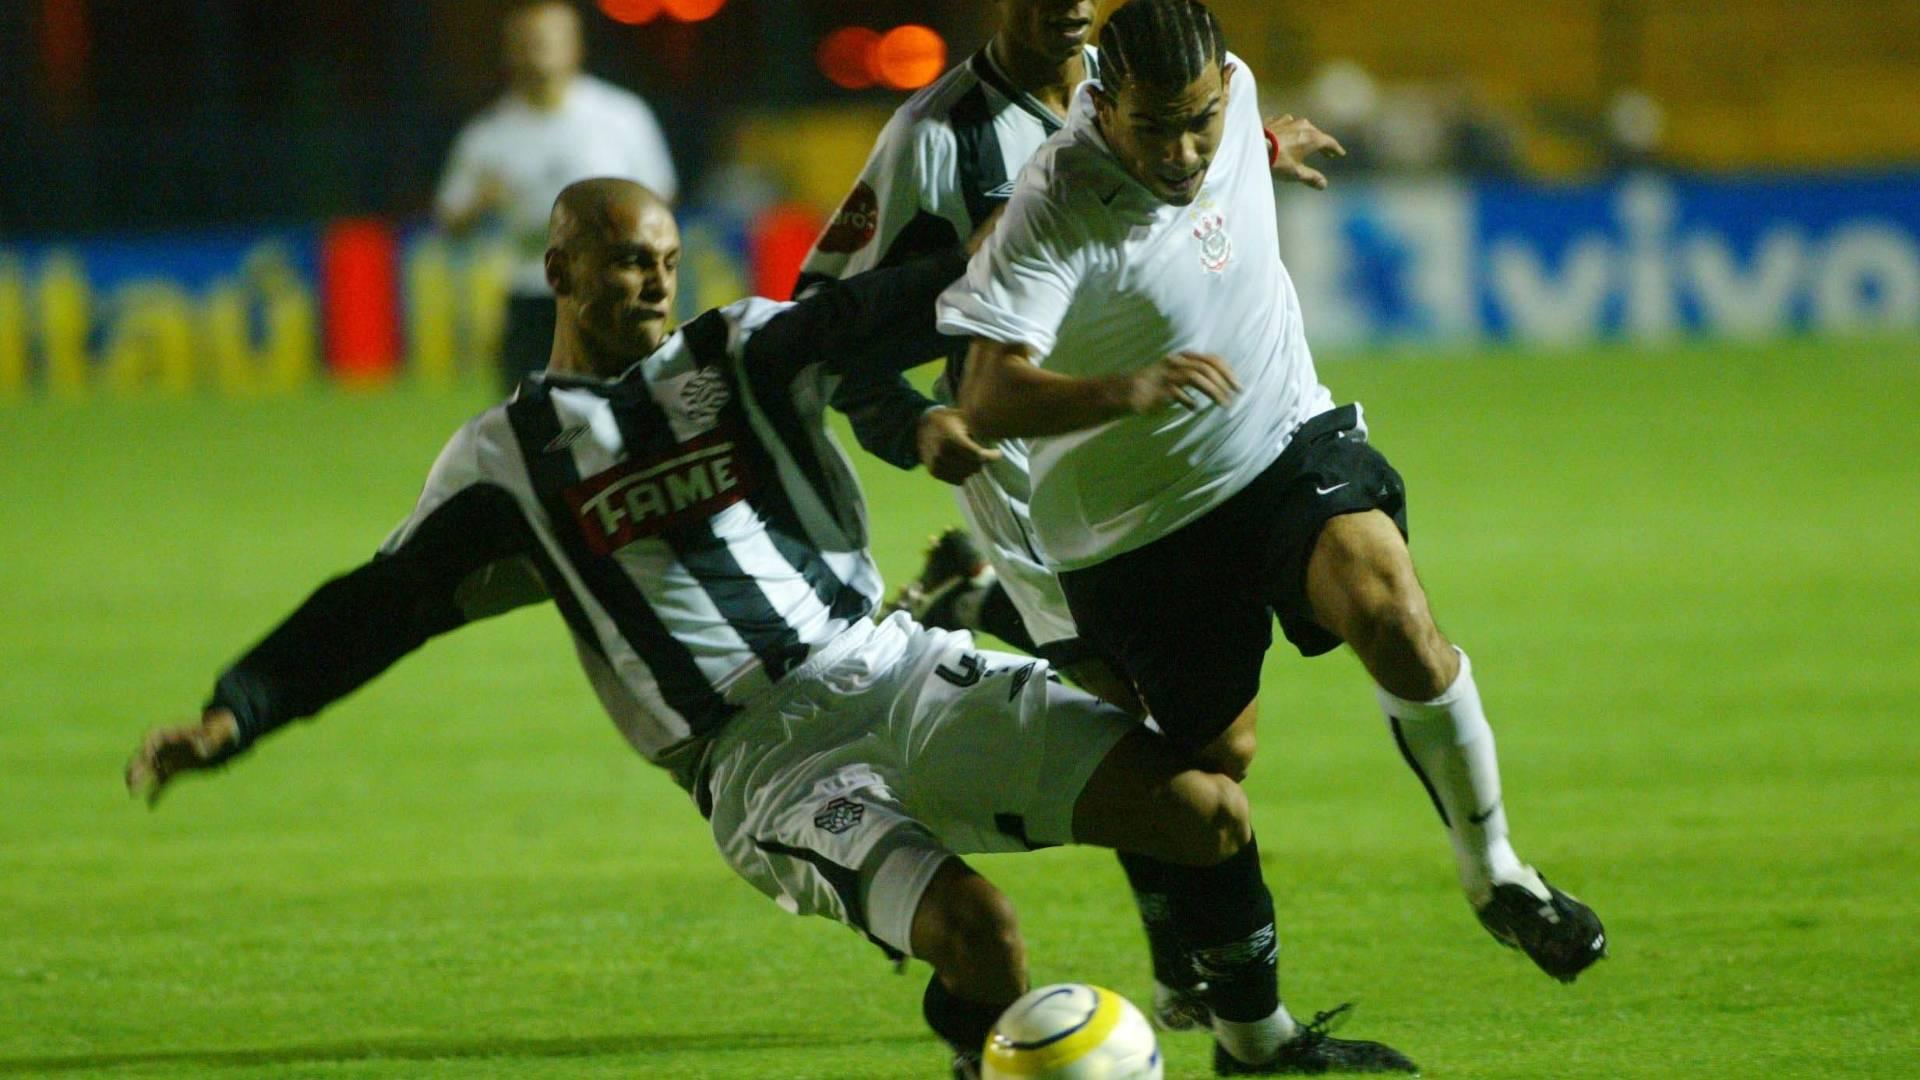 Tevez em ação pelo Corinthians contra o Figueirense, em maio de 2005, pelo Brasileirão